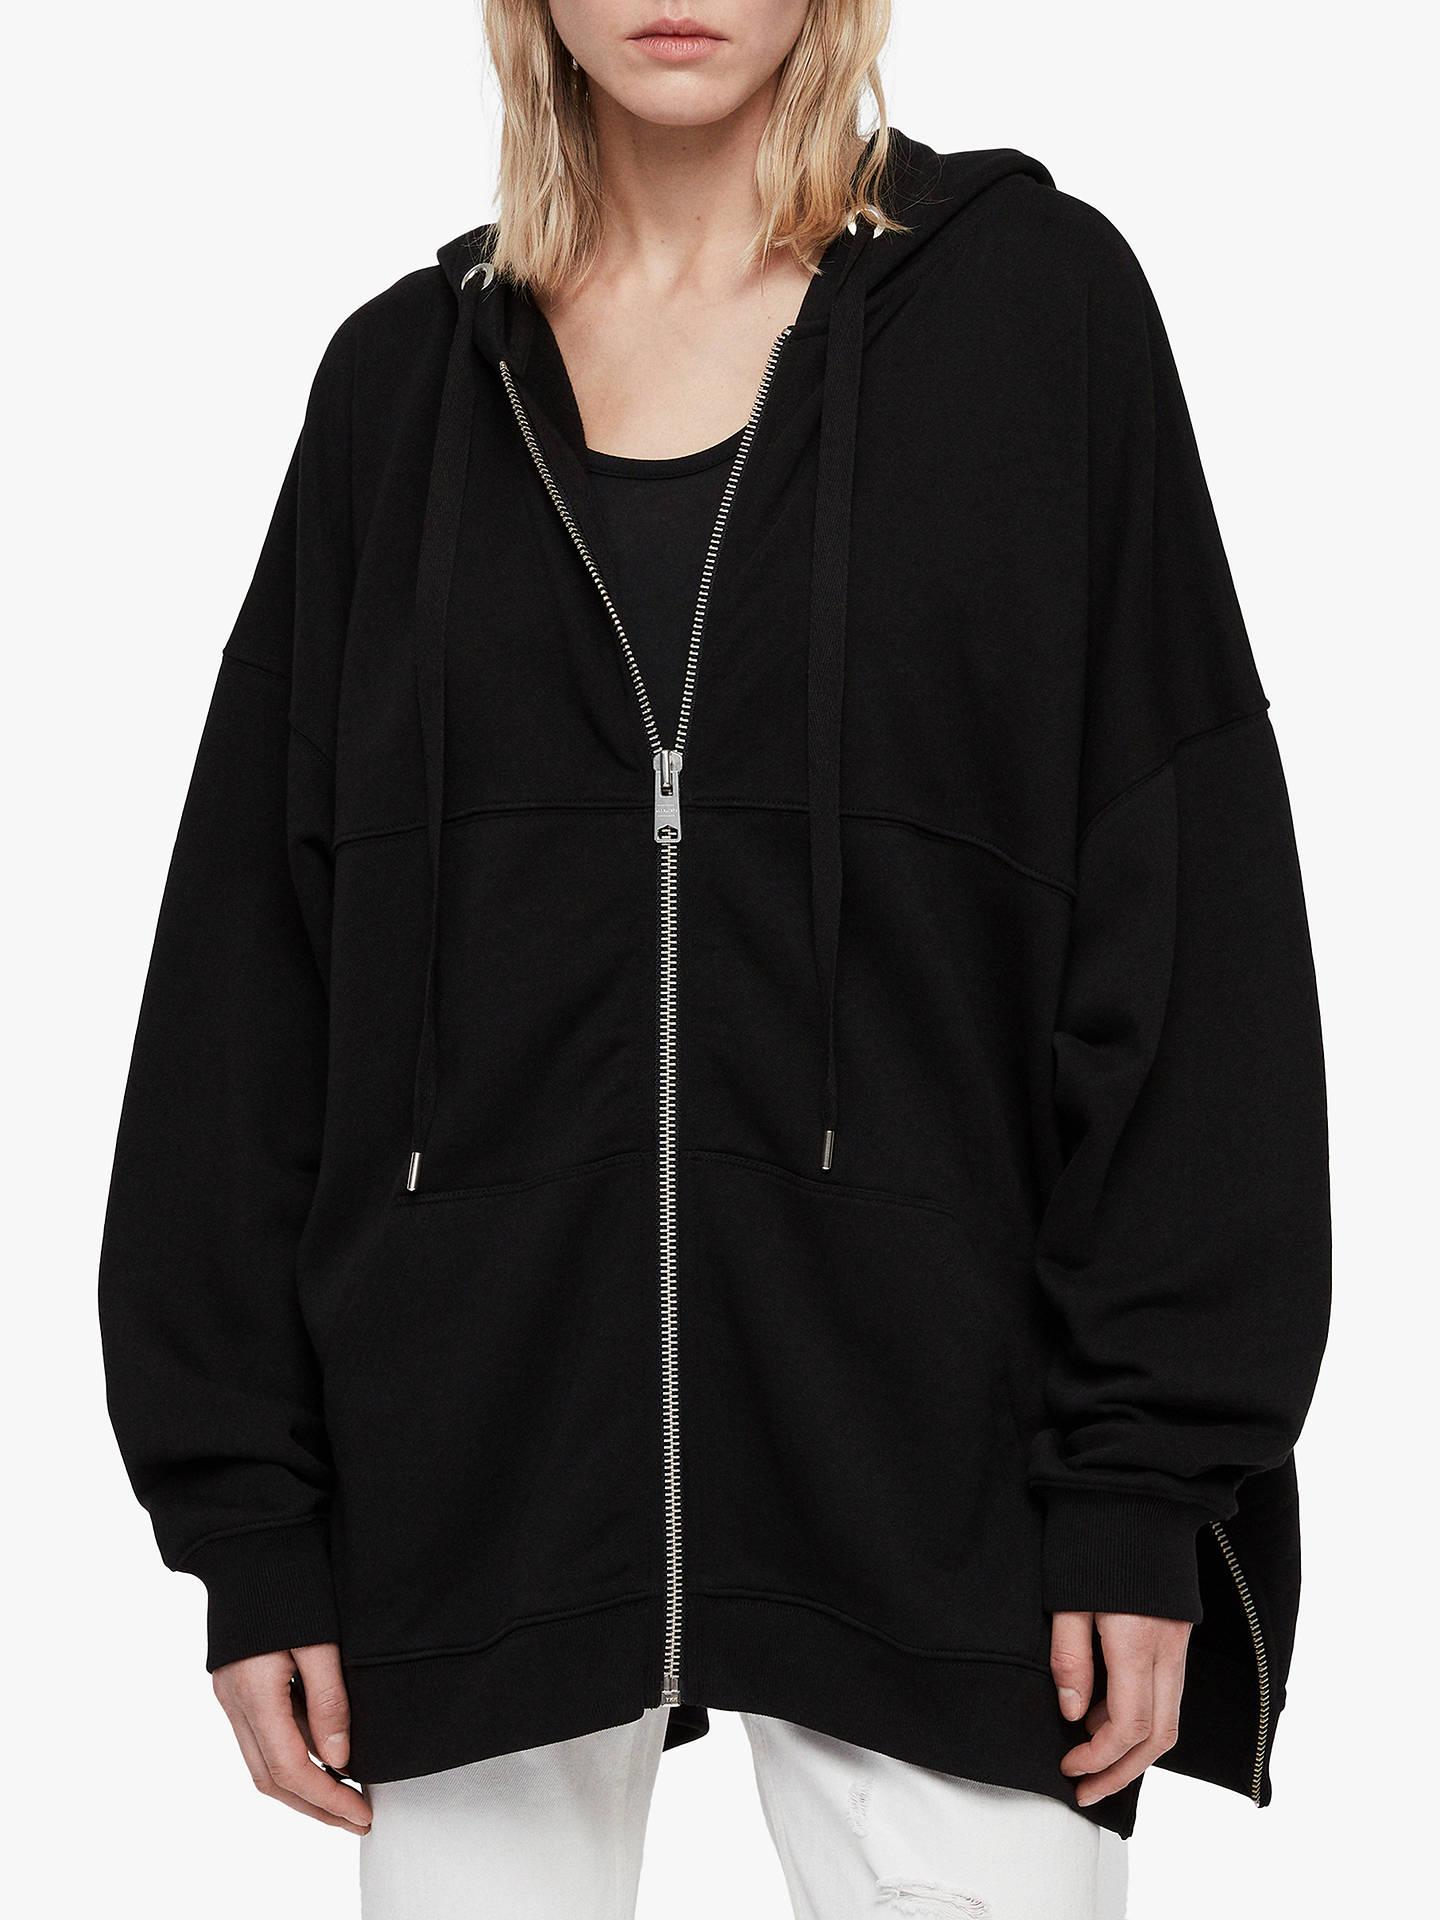 315060de Buy AllSaints Bella Oversized Zip Up Hoodie, Black, XS/S Online at  johnlewis ...